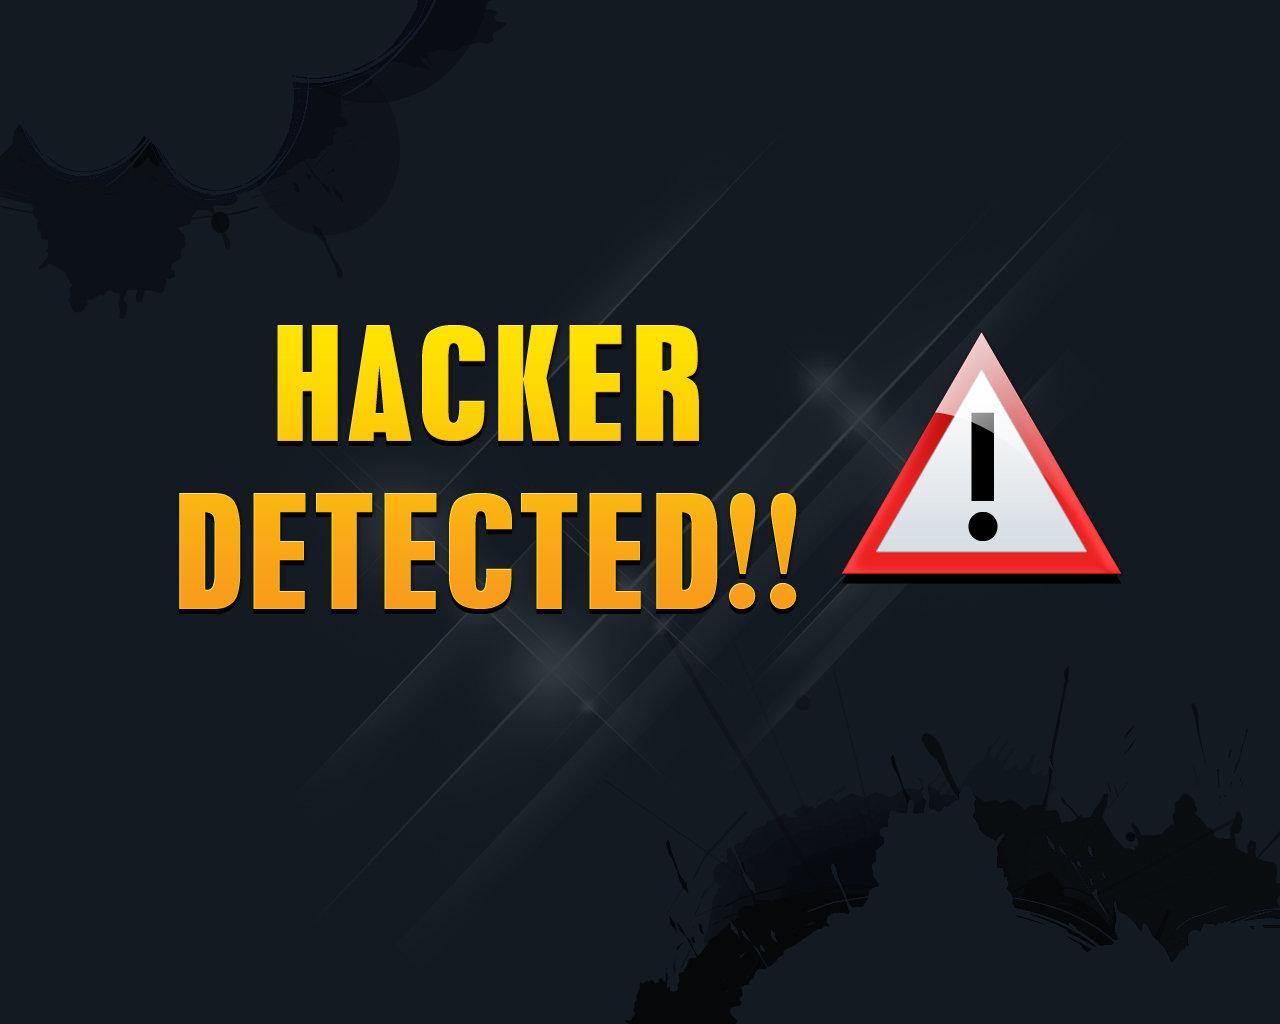 hacker detected - Prüfen Sie Ihren Mailaccount ob Sie gehackt wurden